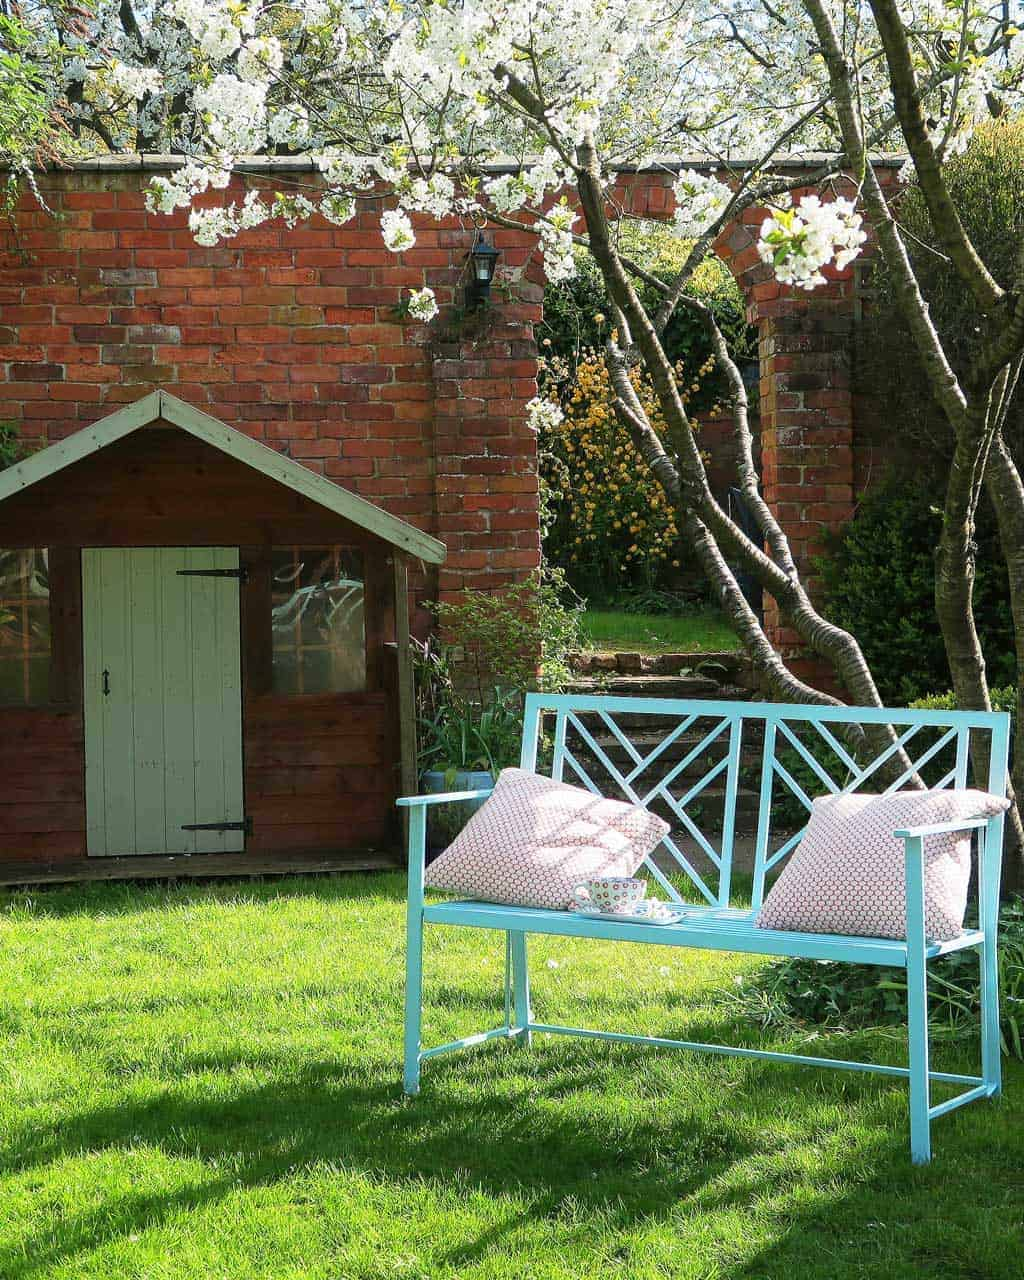 HomeSense garden bench